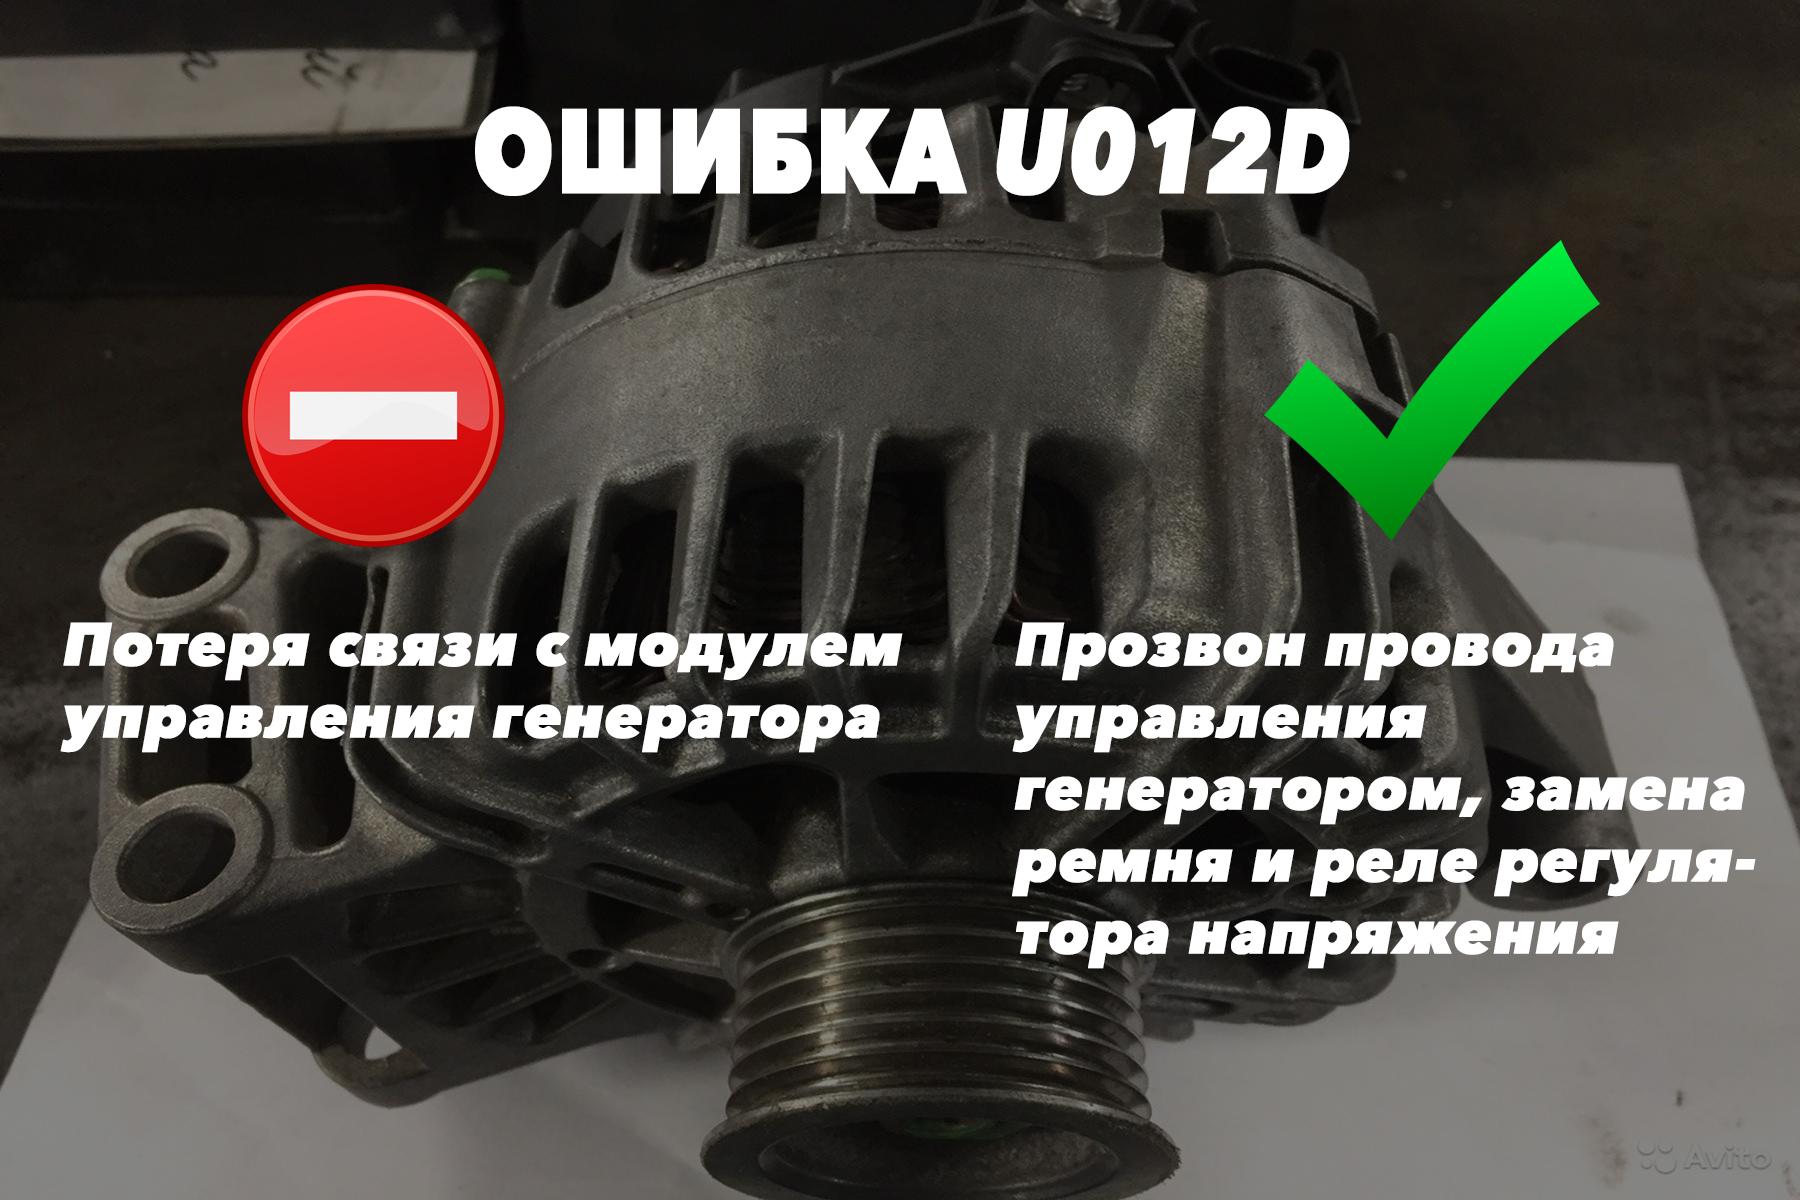 U012D – потеря связи с модулем генератора